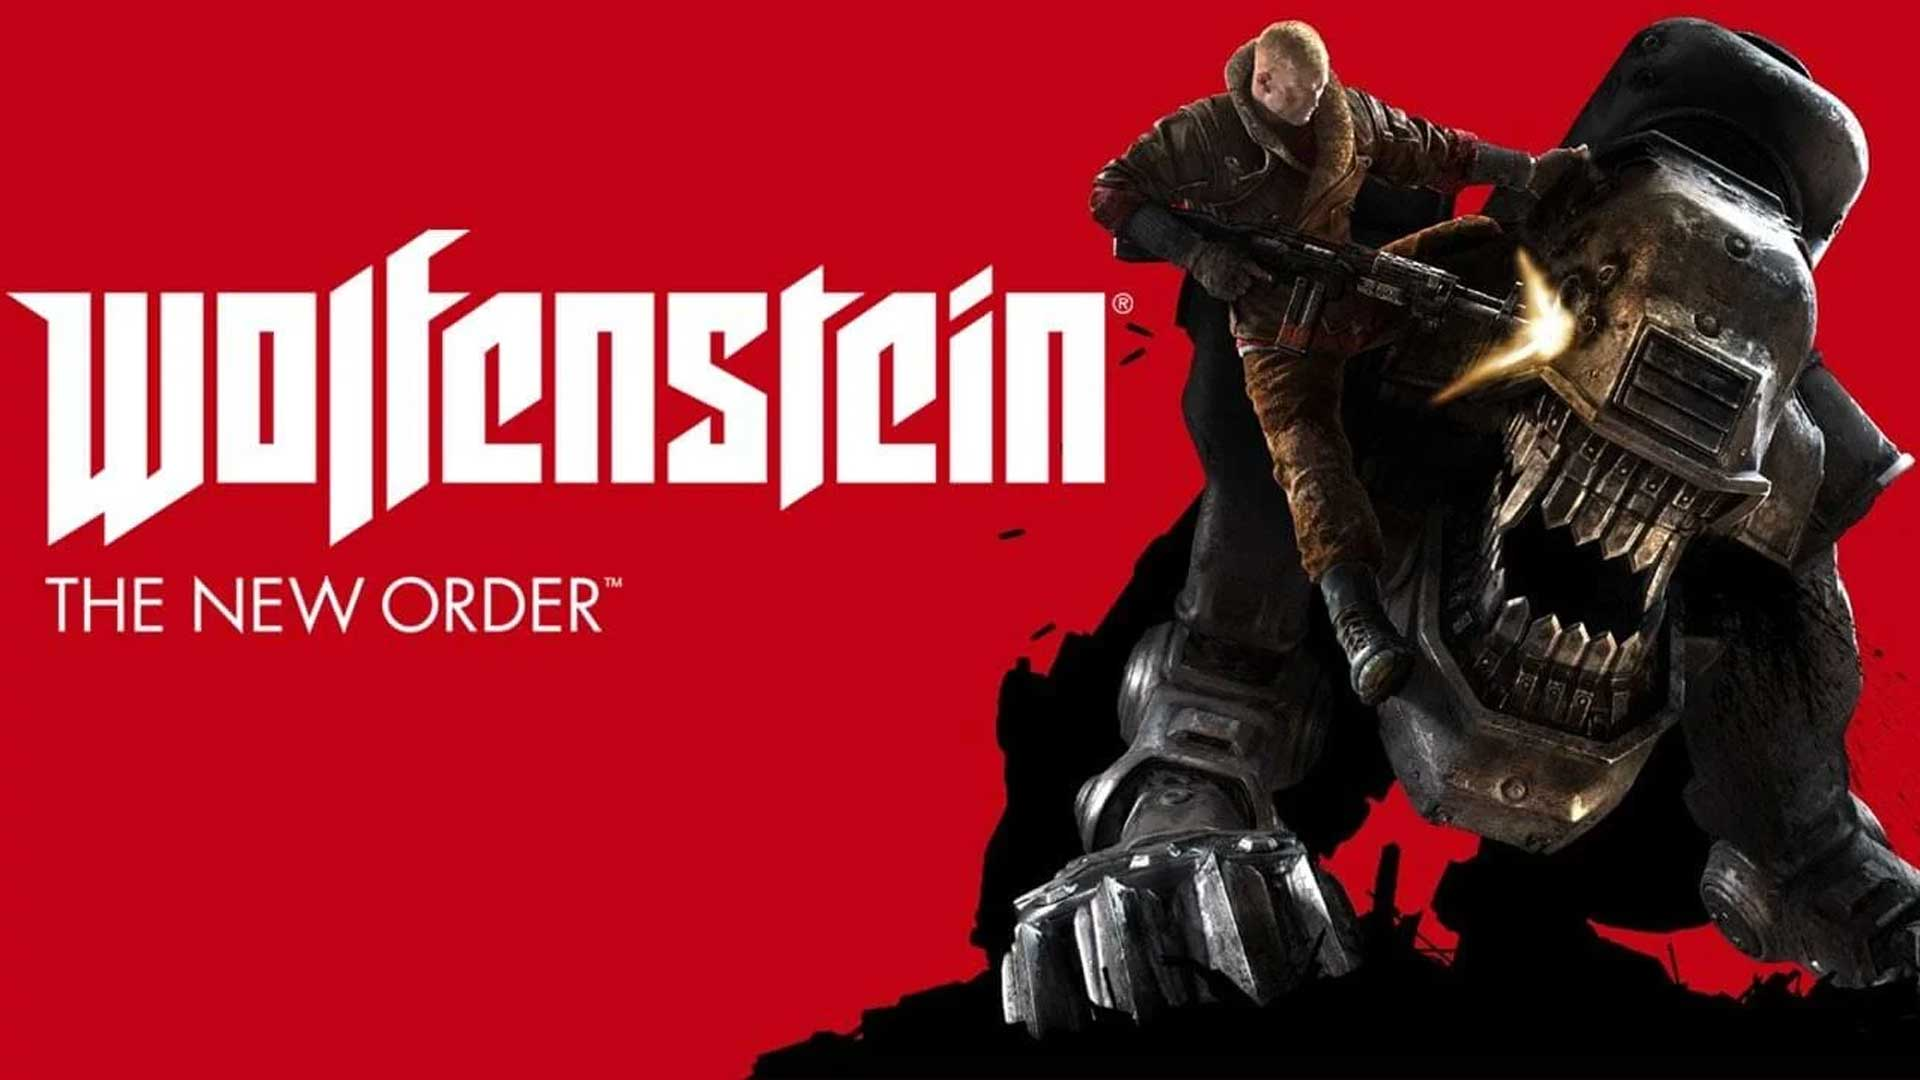 Гайд по игре Wolfenstein: The New Order - глава 1